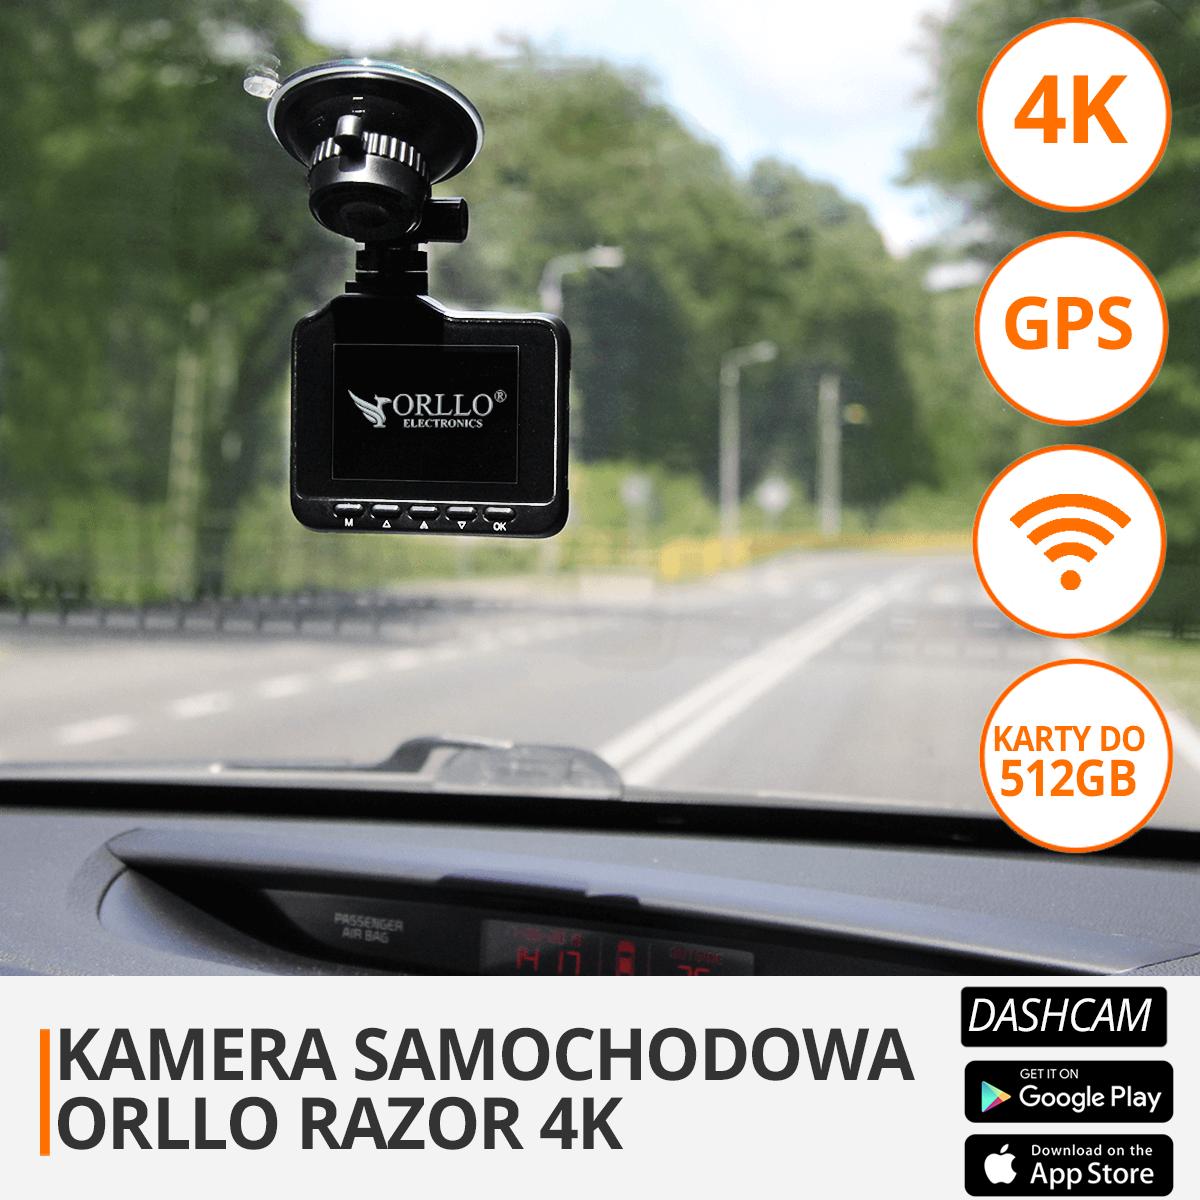 kamera samochodowa 4K orllo.pl